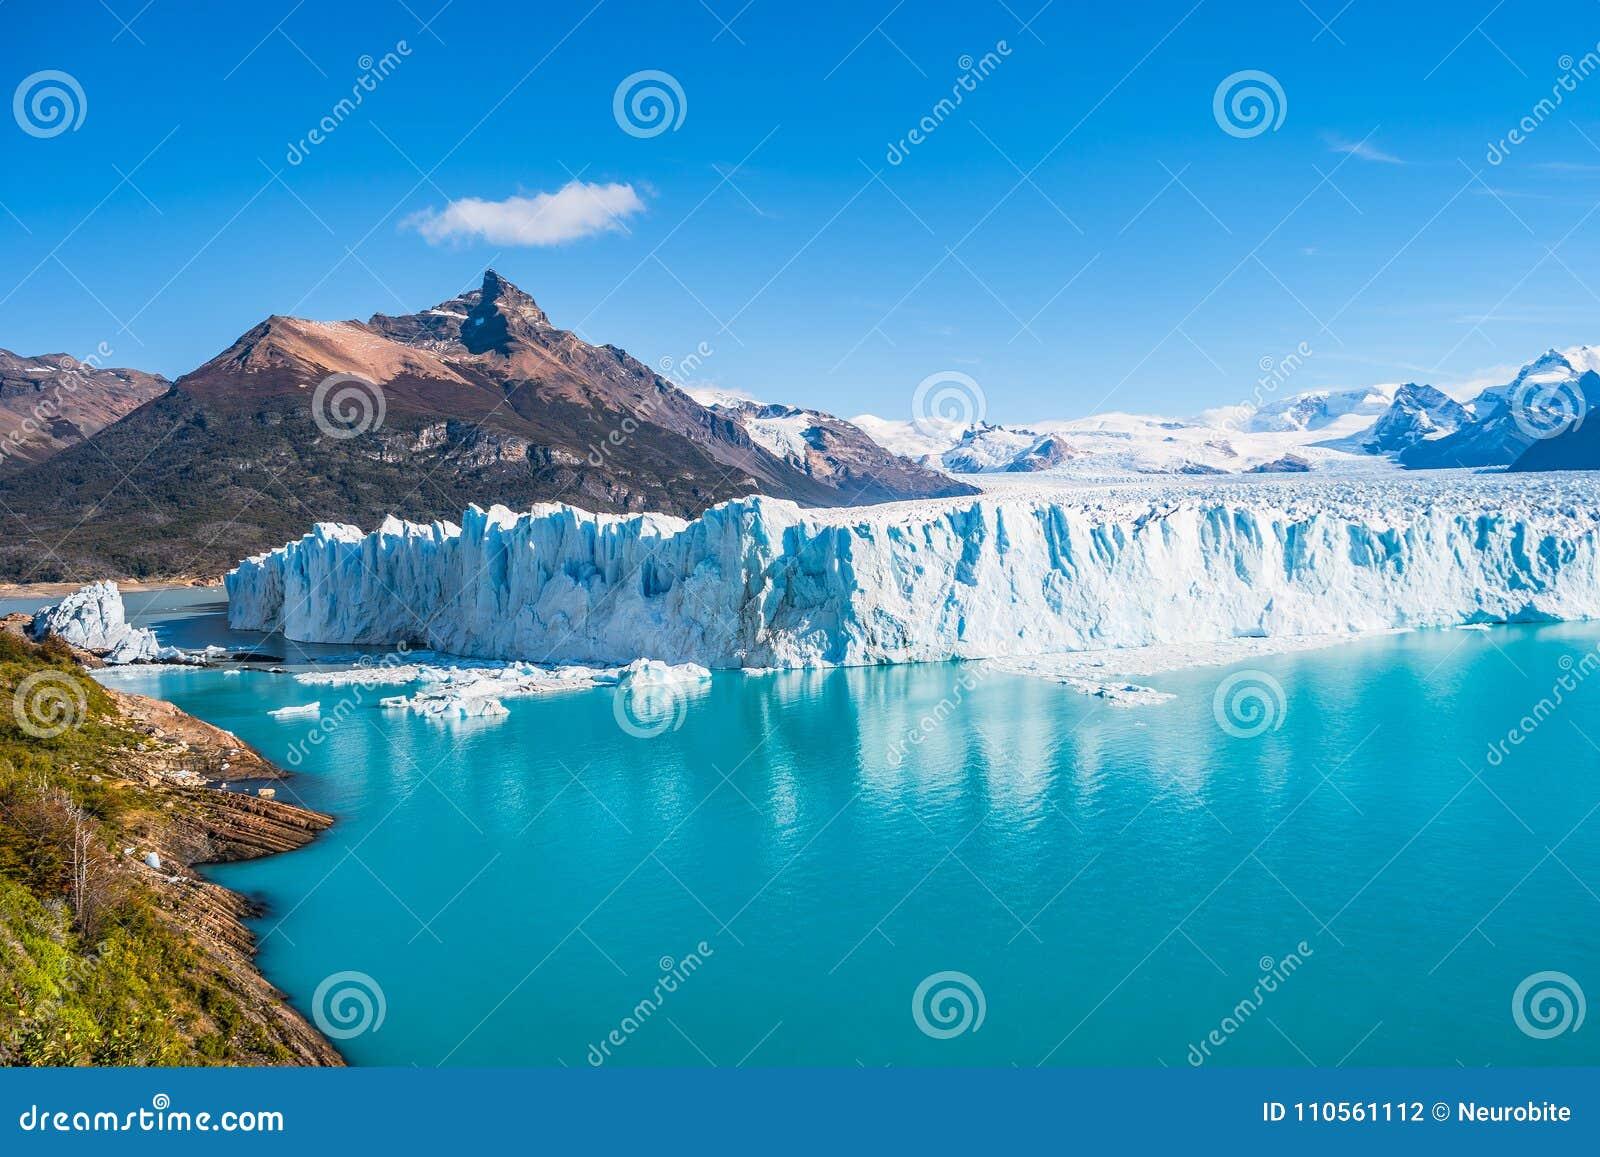 Panorama del glaciar Perito Moreno en Patagonia